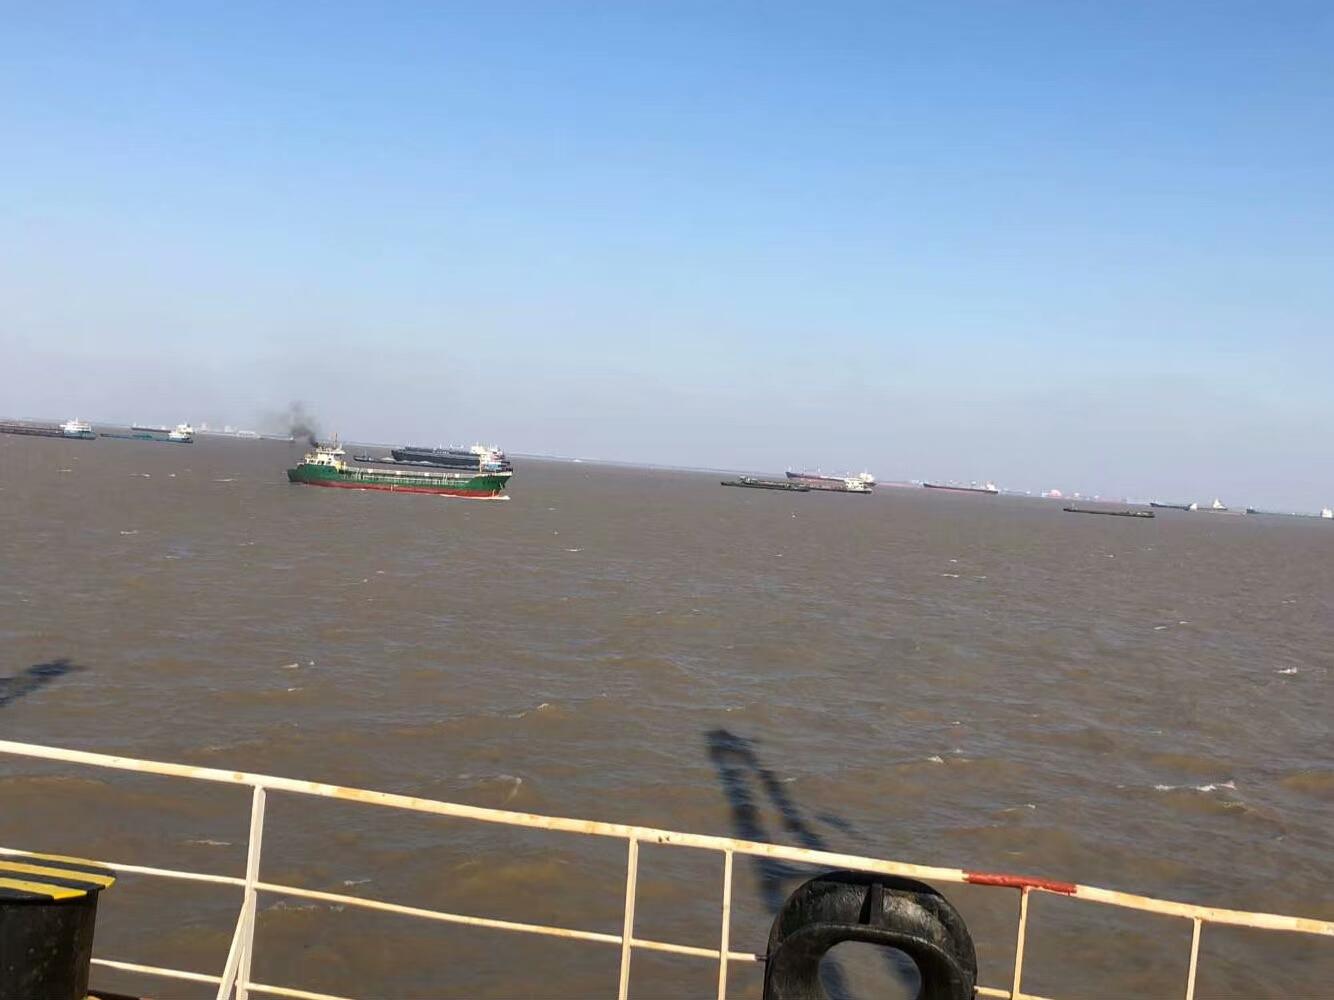 北大西洋散杂货海运_上海瑞进国际物流有限公司